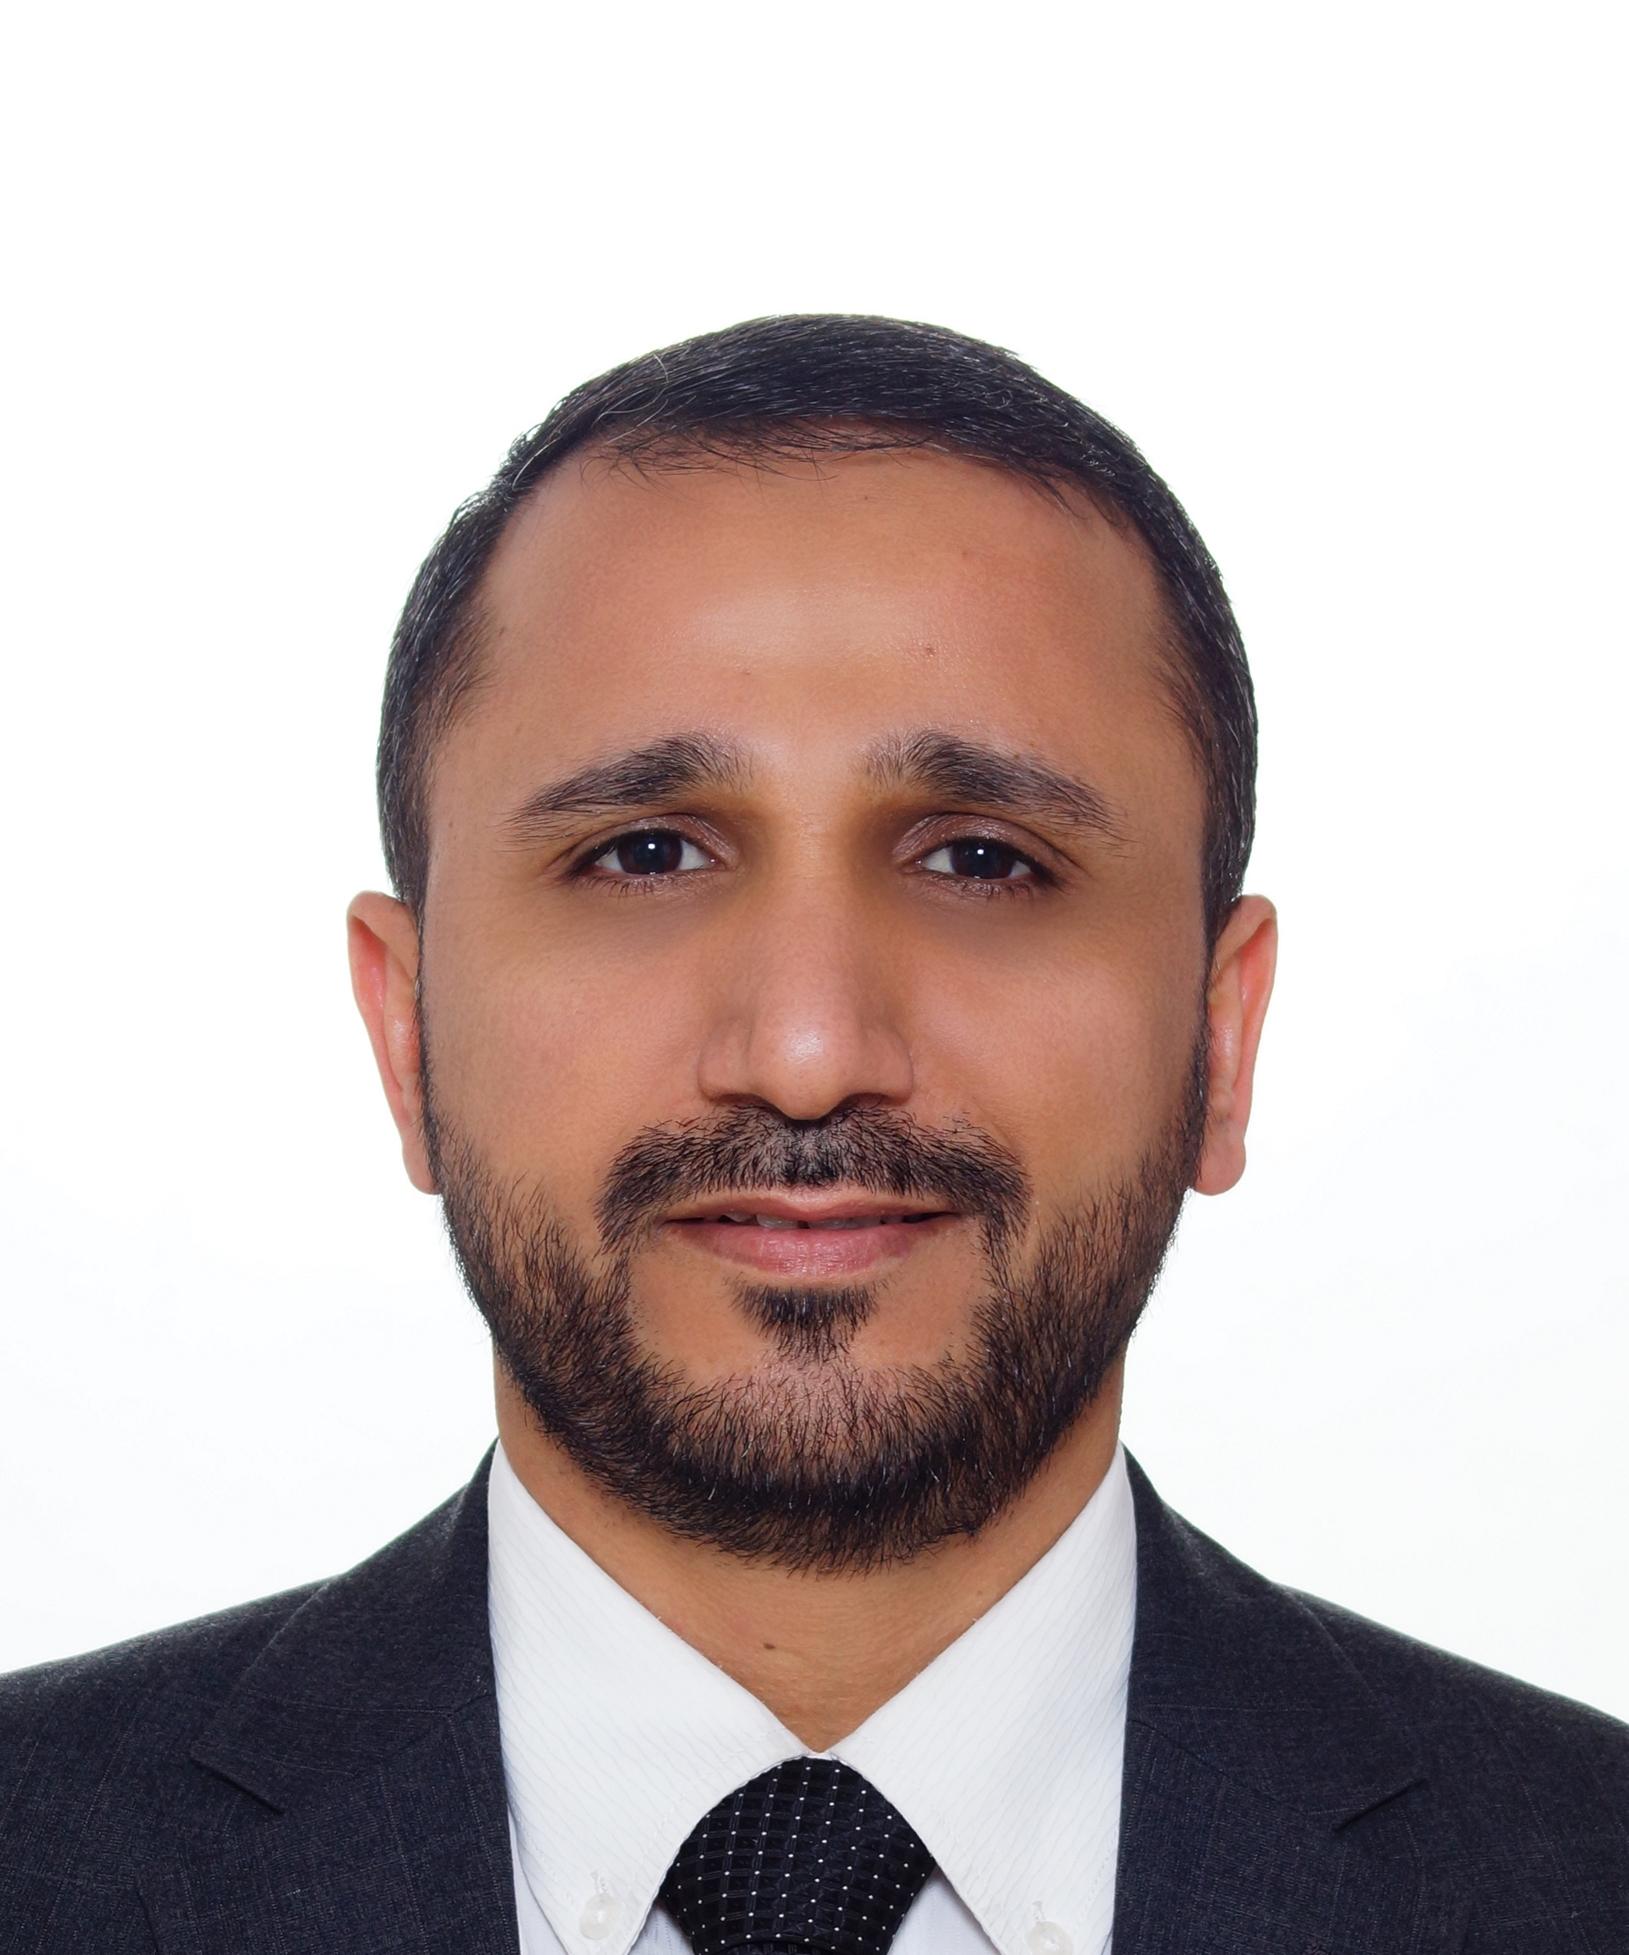 Dr. Ibraheem Shayea